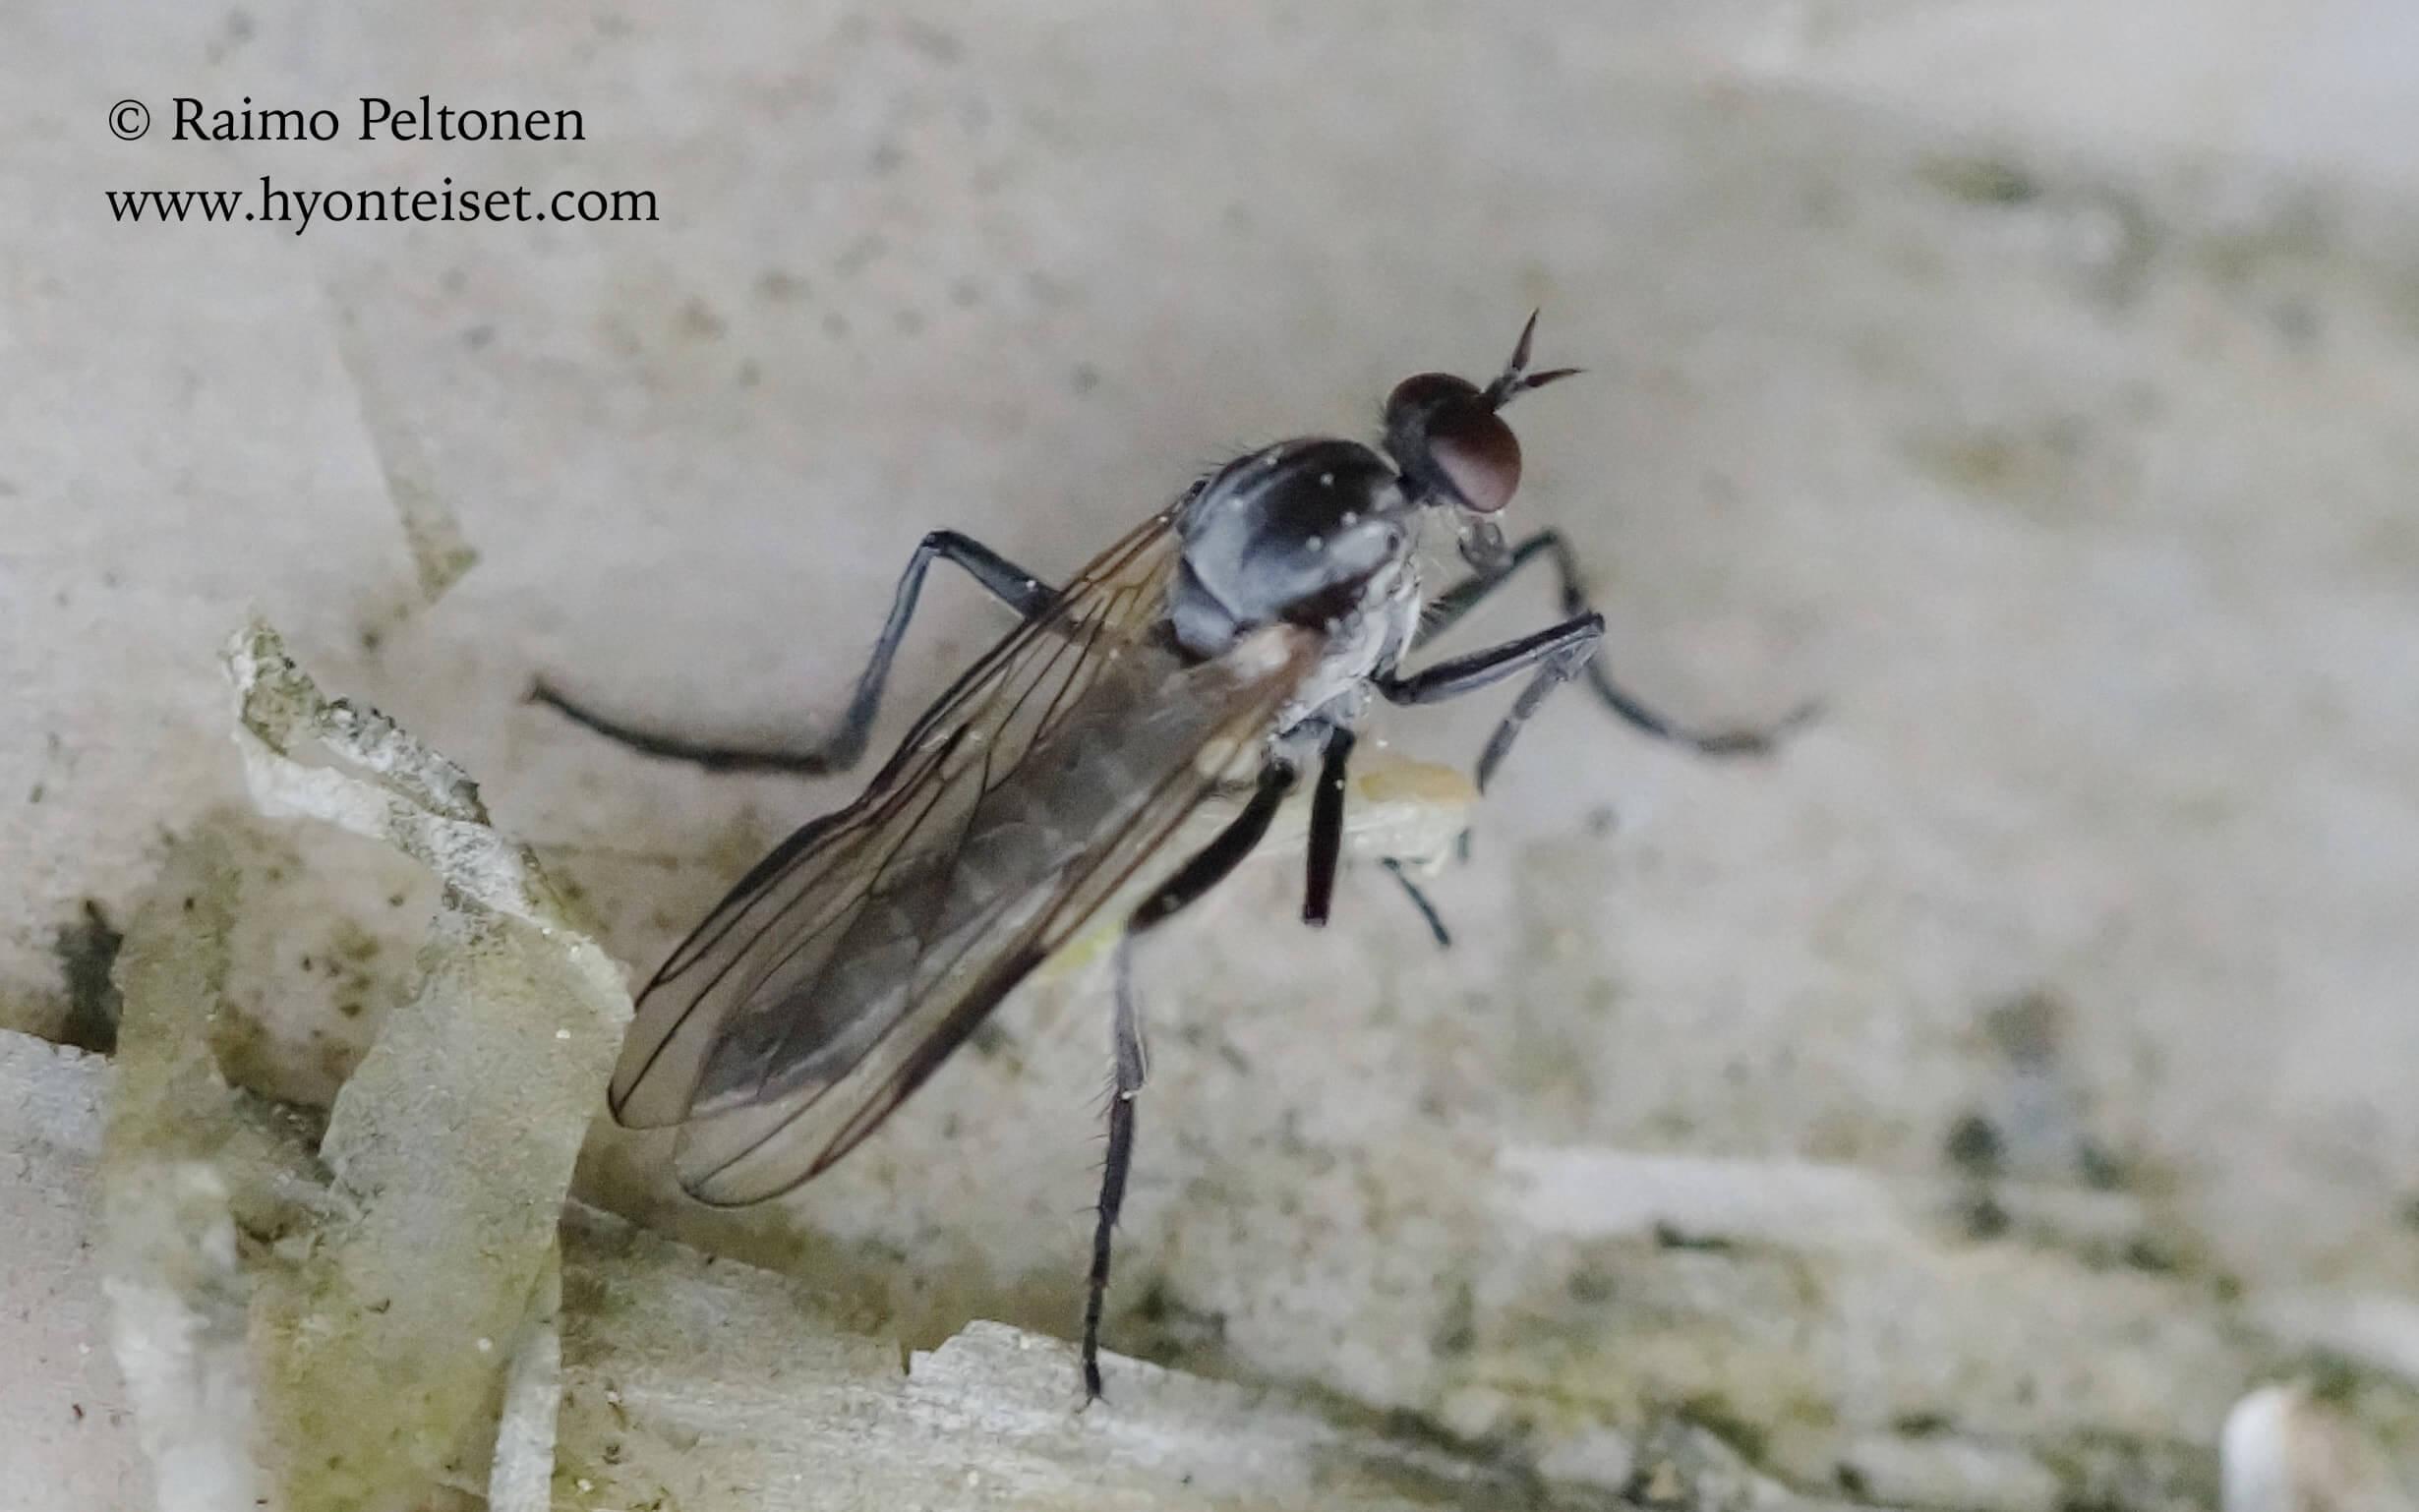 Rhamphomyia (Megacyttarus) (det. John Carr), 26.5.2016 Jyväskylä